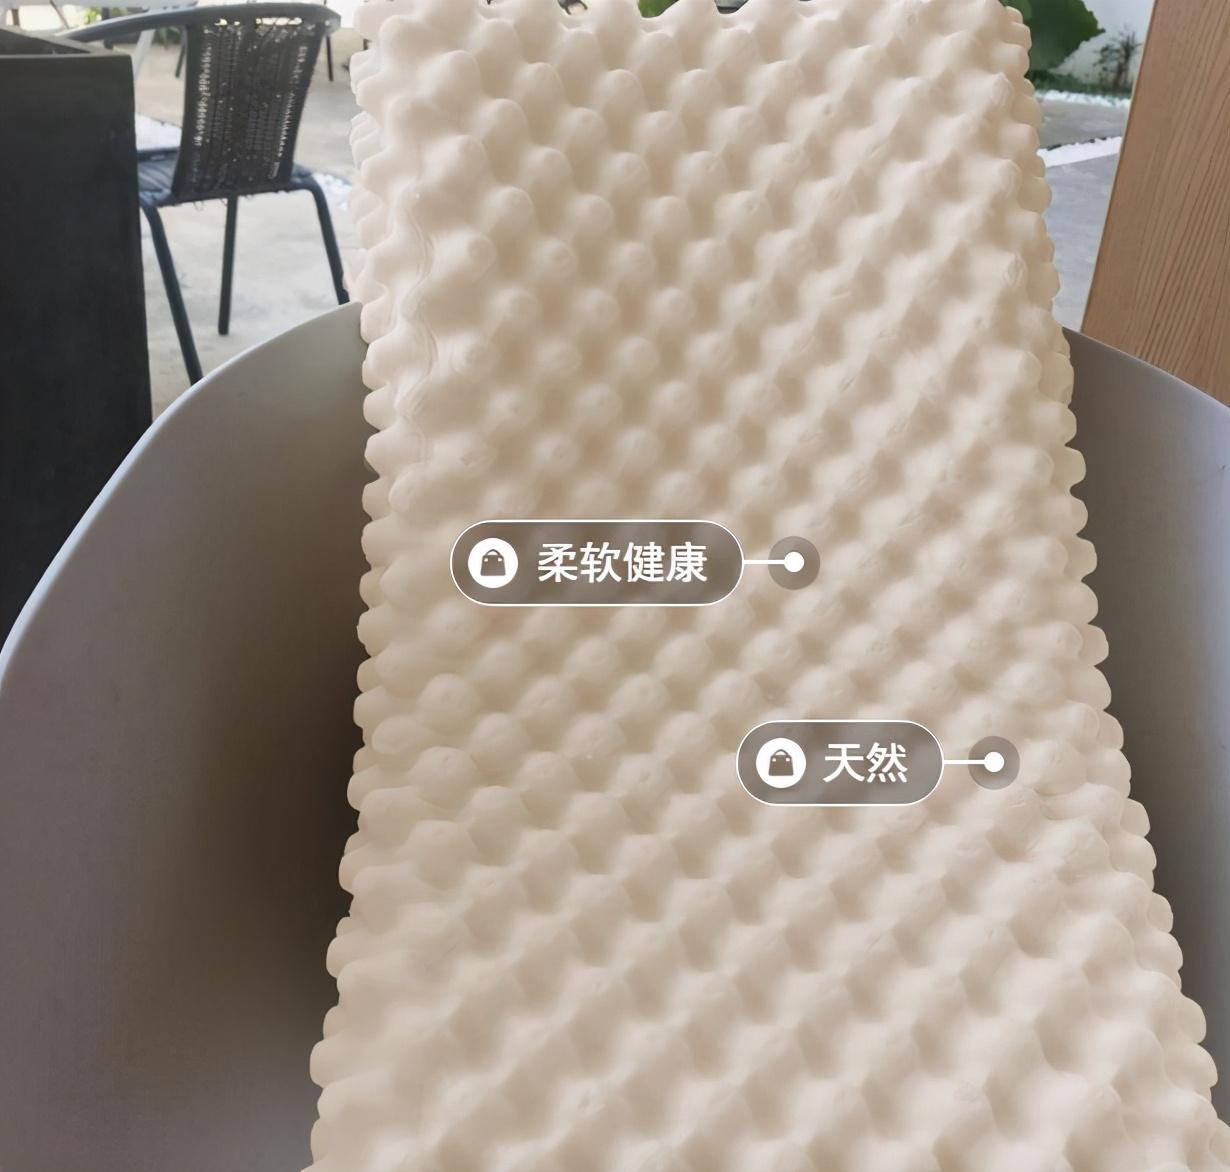 儿童能使用乳胶枕吗?选择哪款好呢?